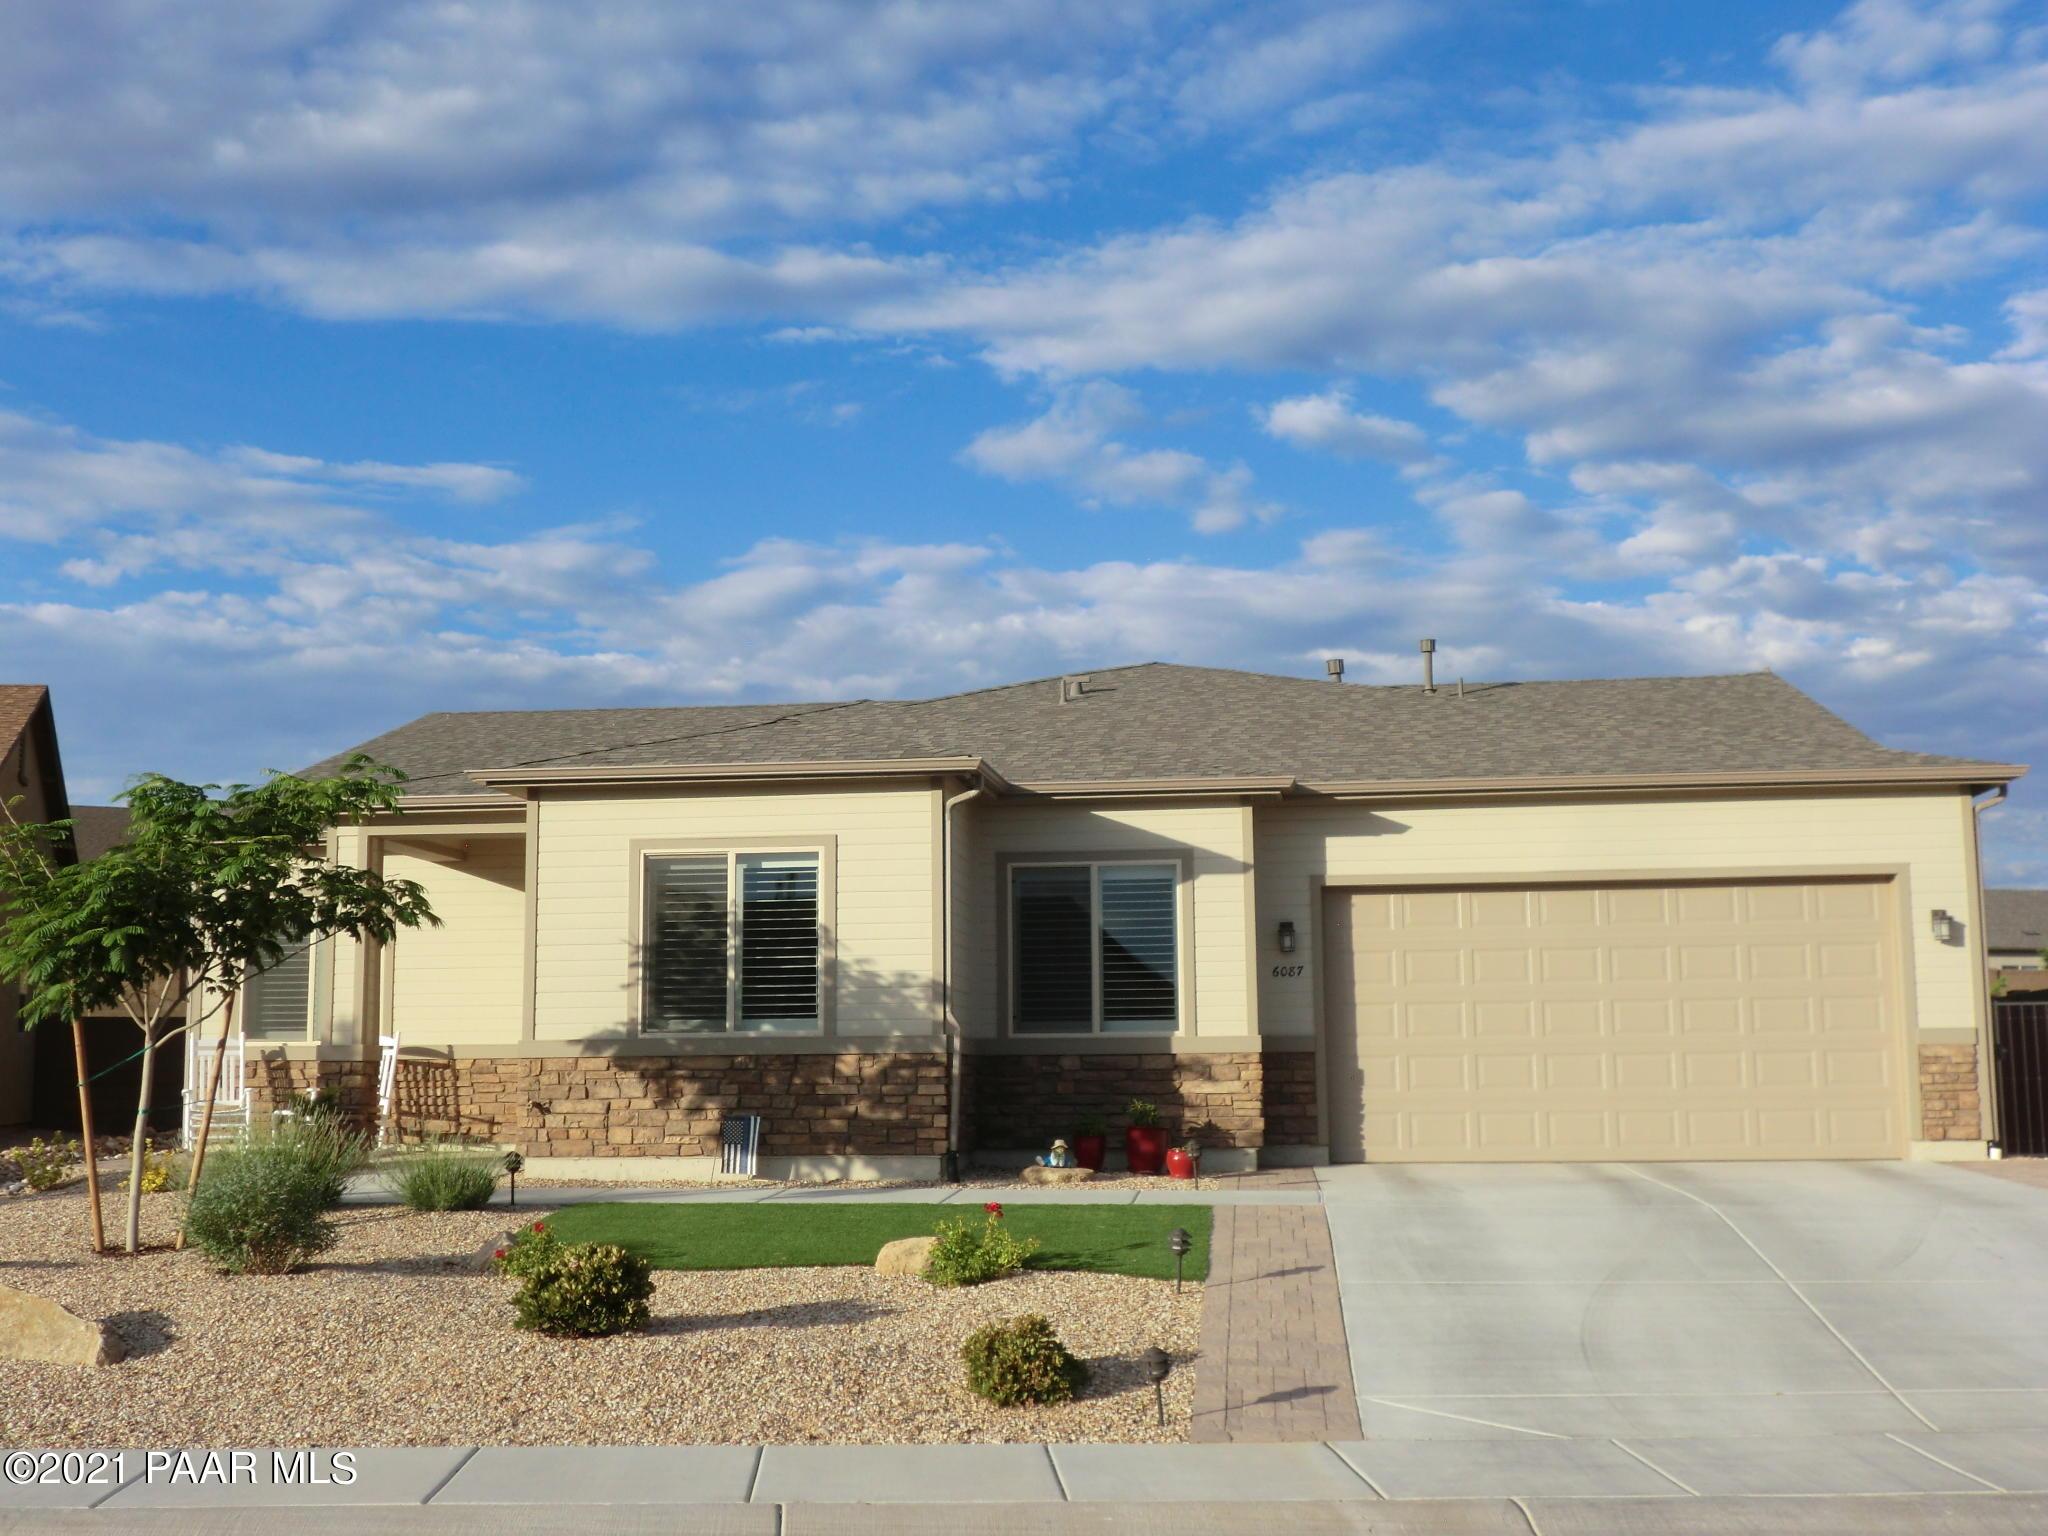 Photo of 6087 Laguna, Prescott Valley, AZ 86314